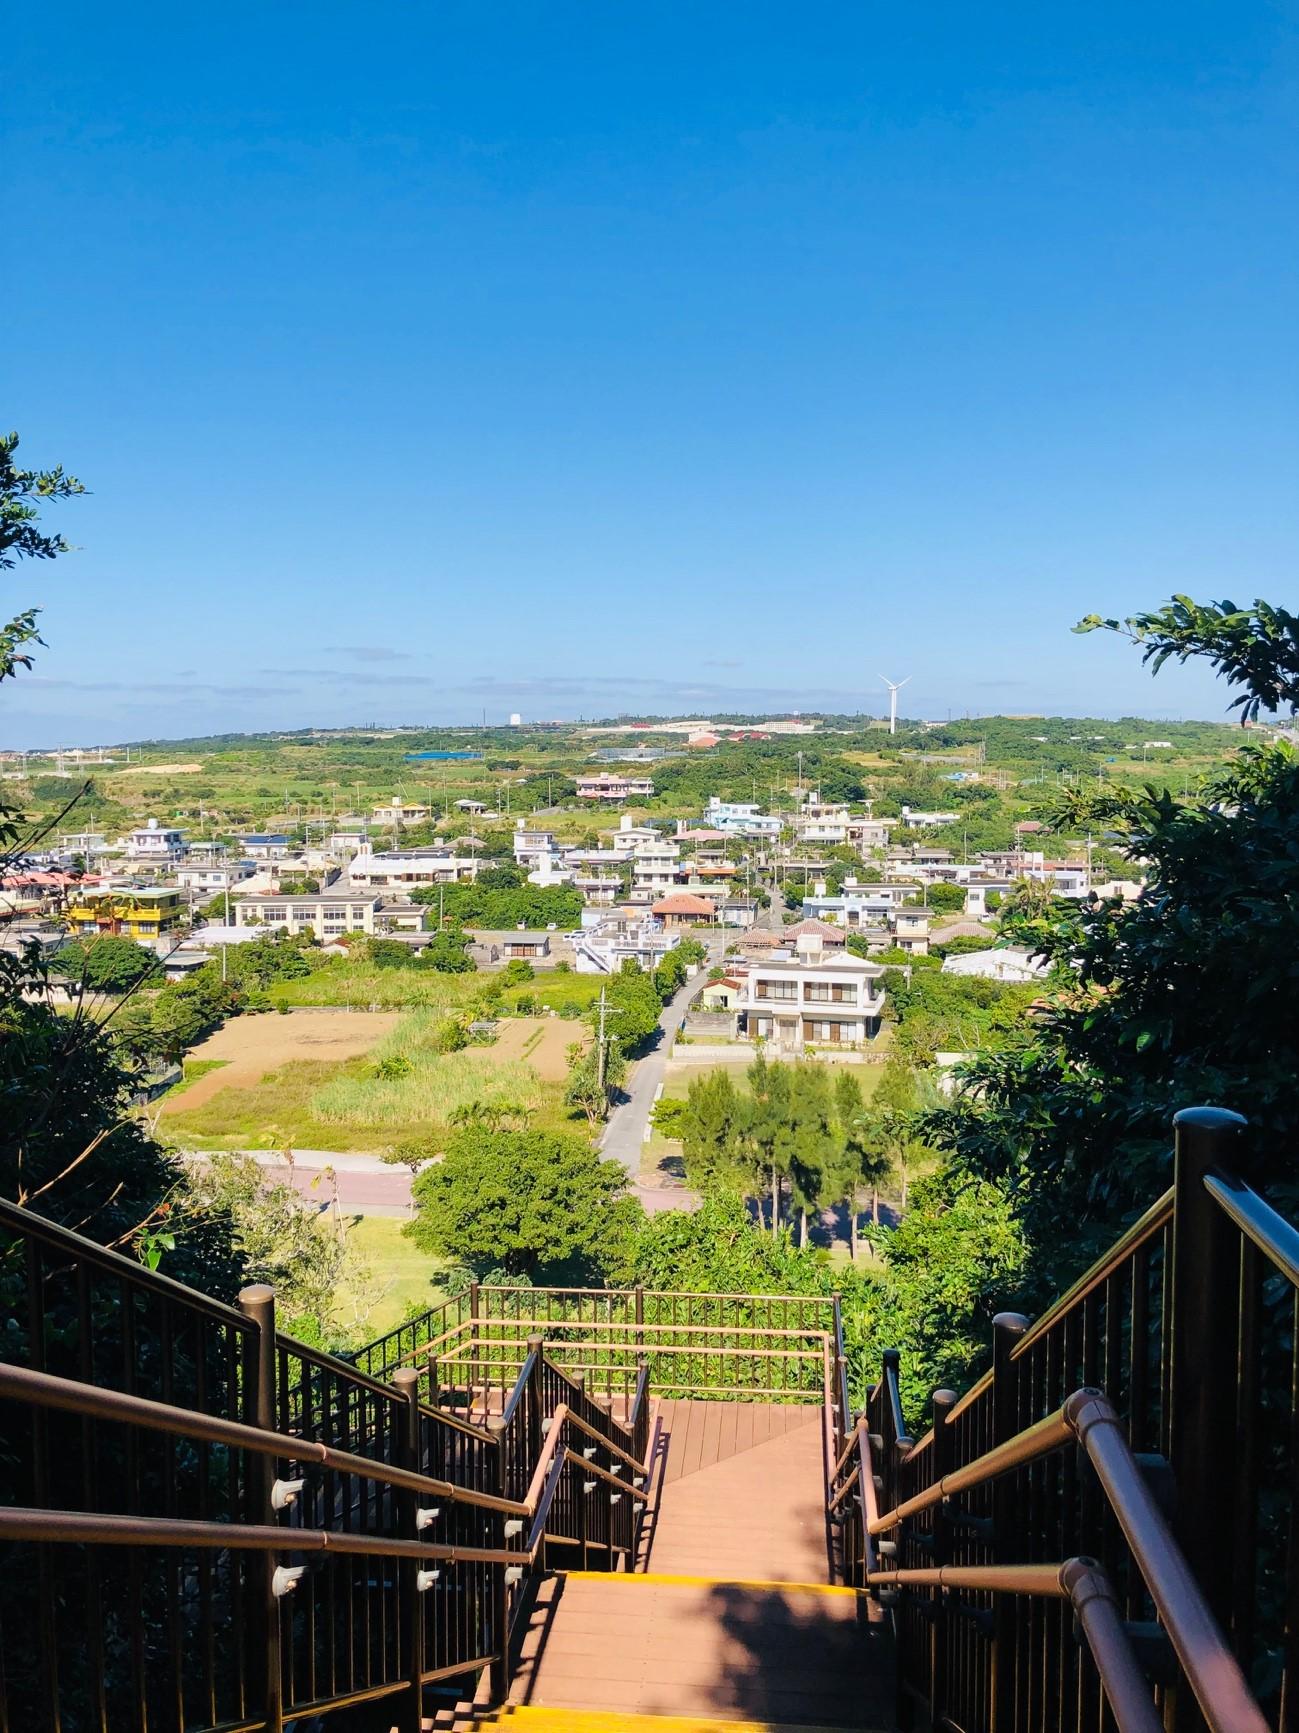 沖縄県糸満市「平和祈念公園」の「摩文仁の丘」の頂上から下り道 映画「君の名は。」を連想させる階段